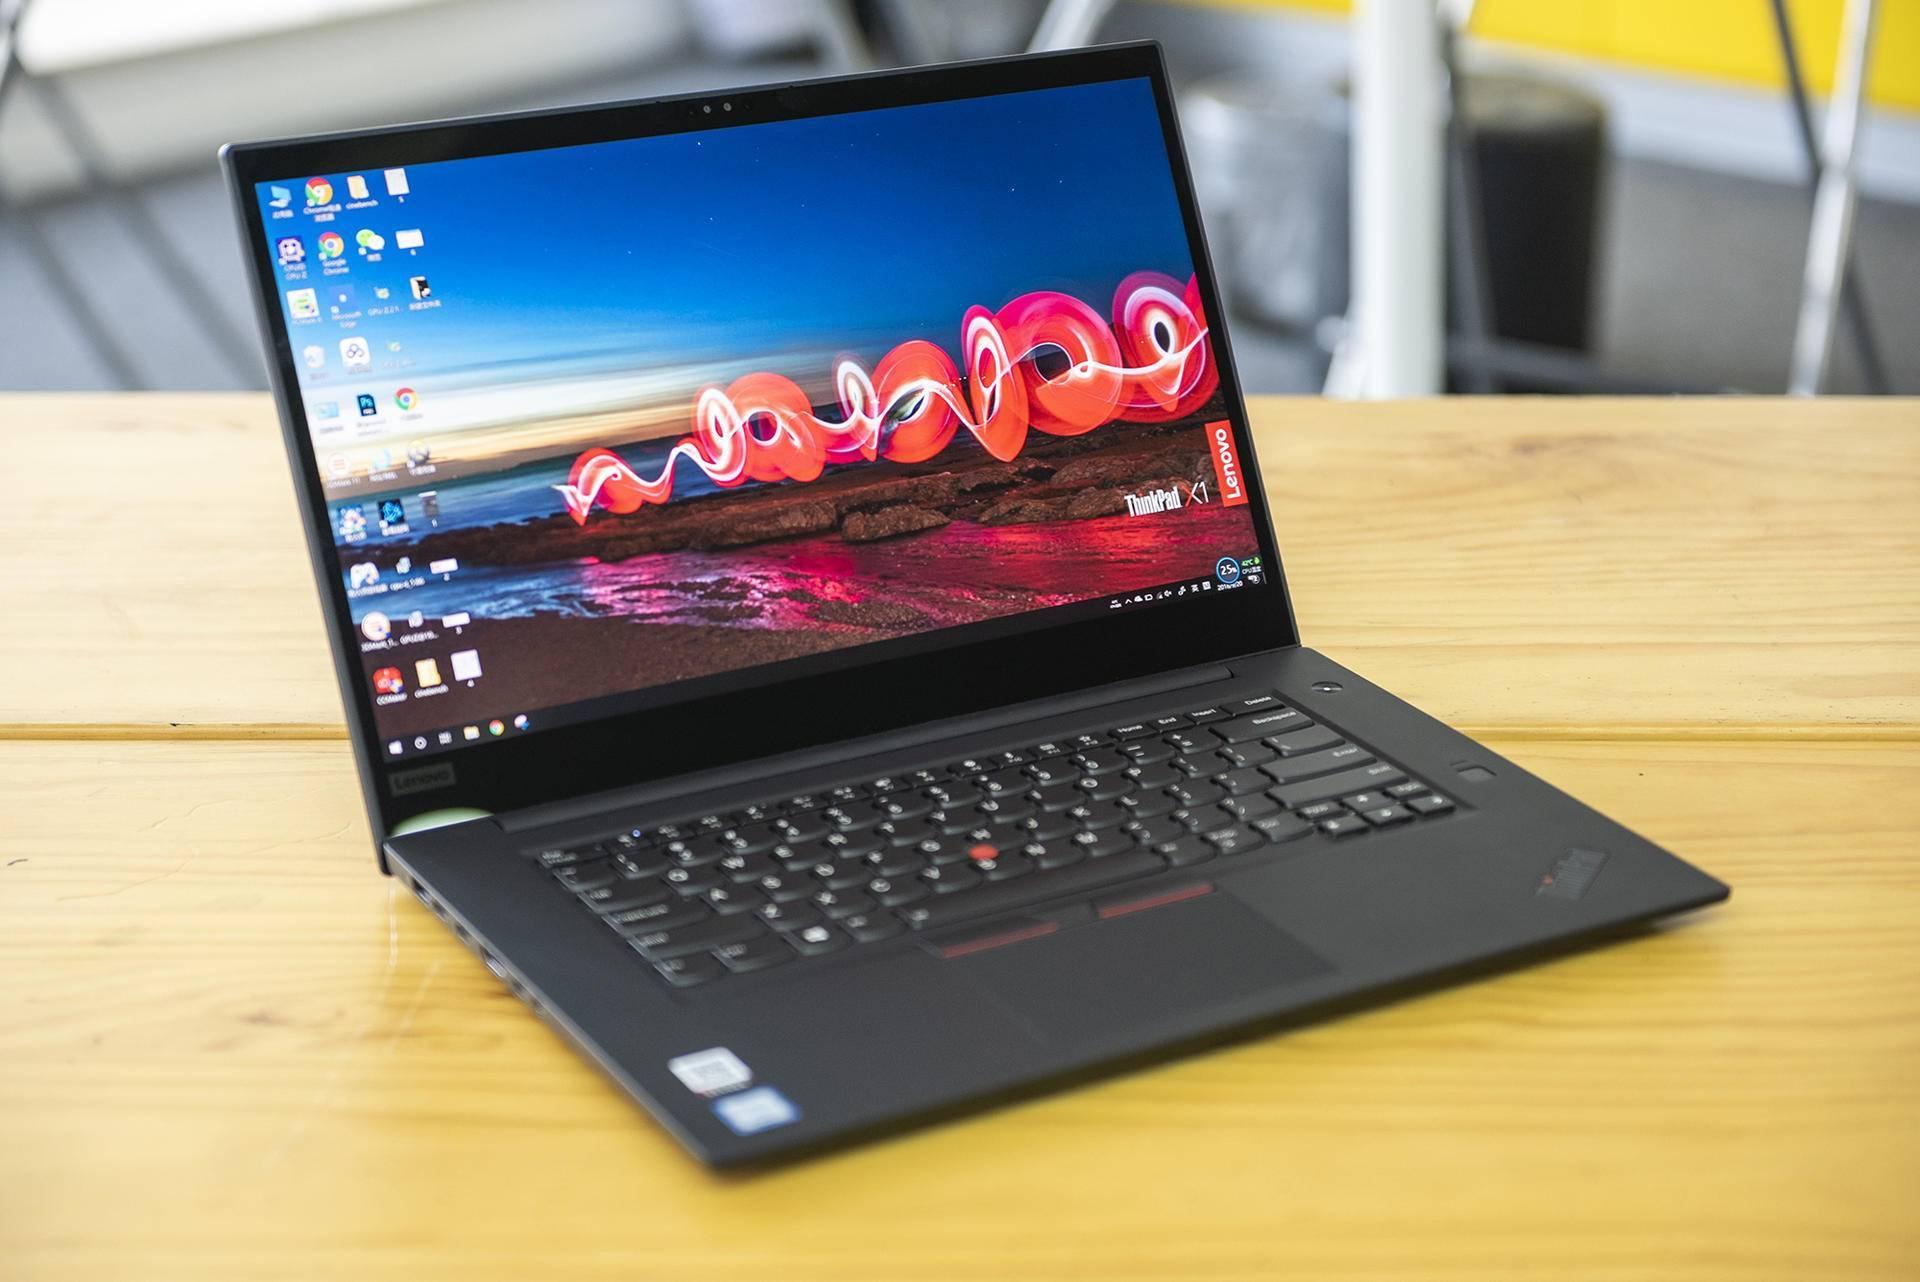 ThinkPad X1隐士评测:6核+4K,主打设计师的高性能便携本